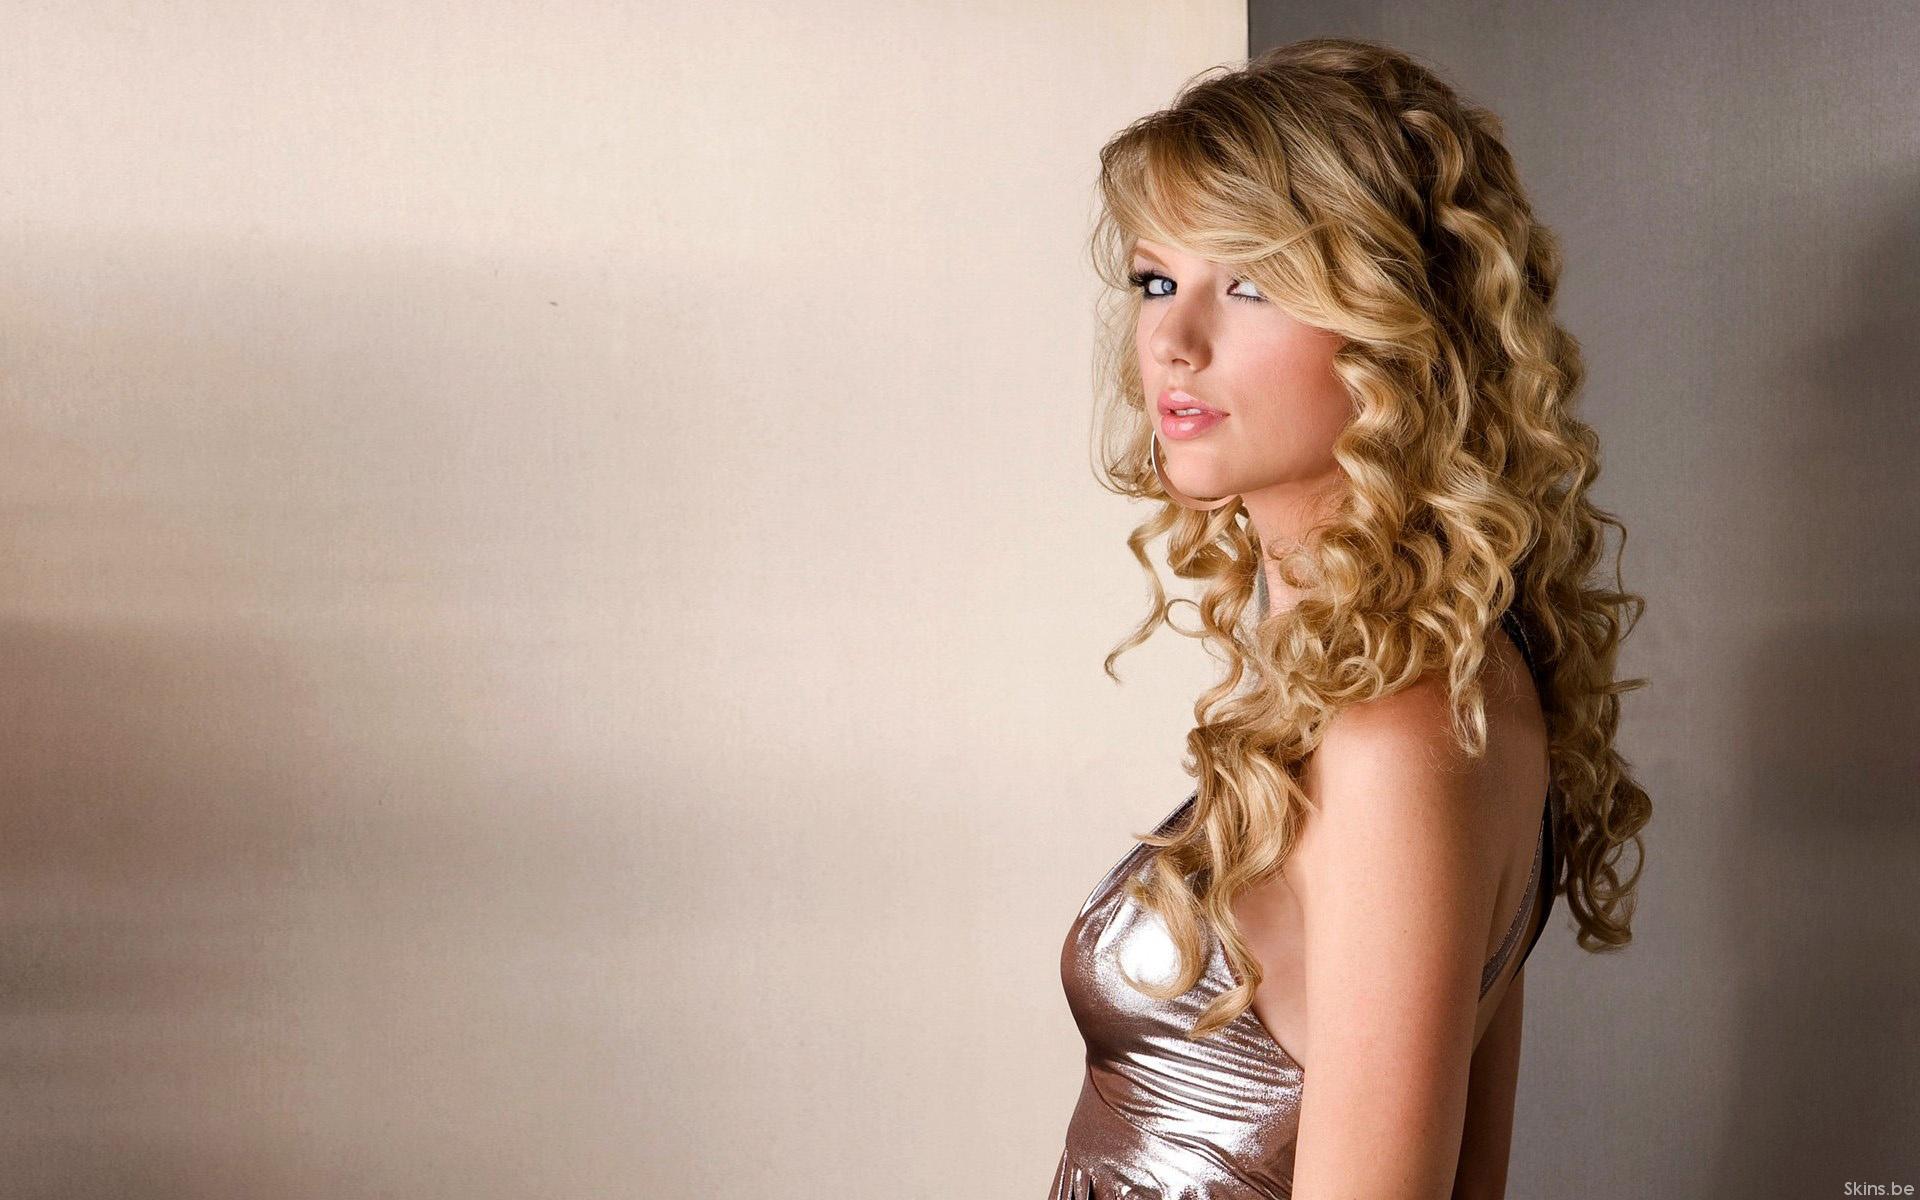 El peinado de Taylor Swift - 1920x1200